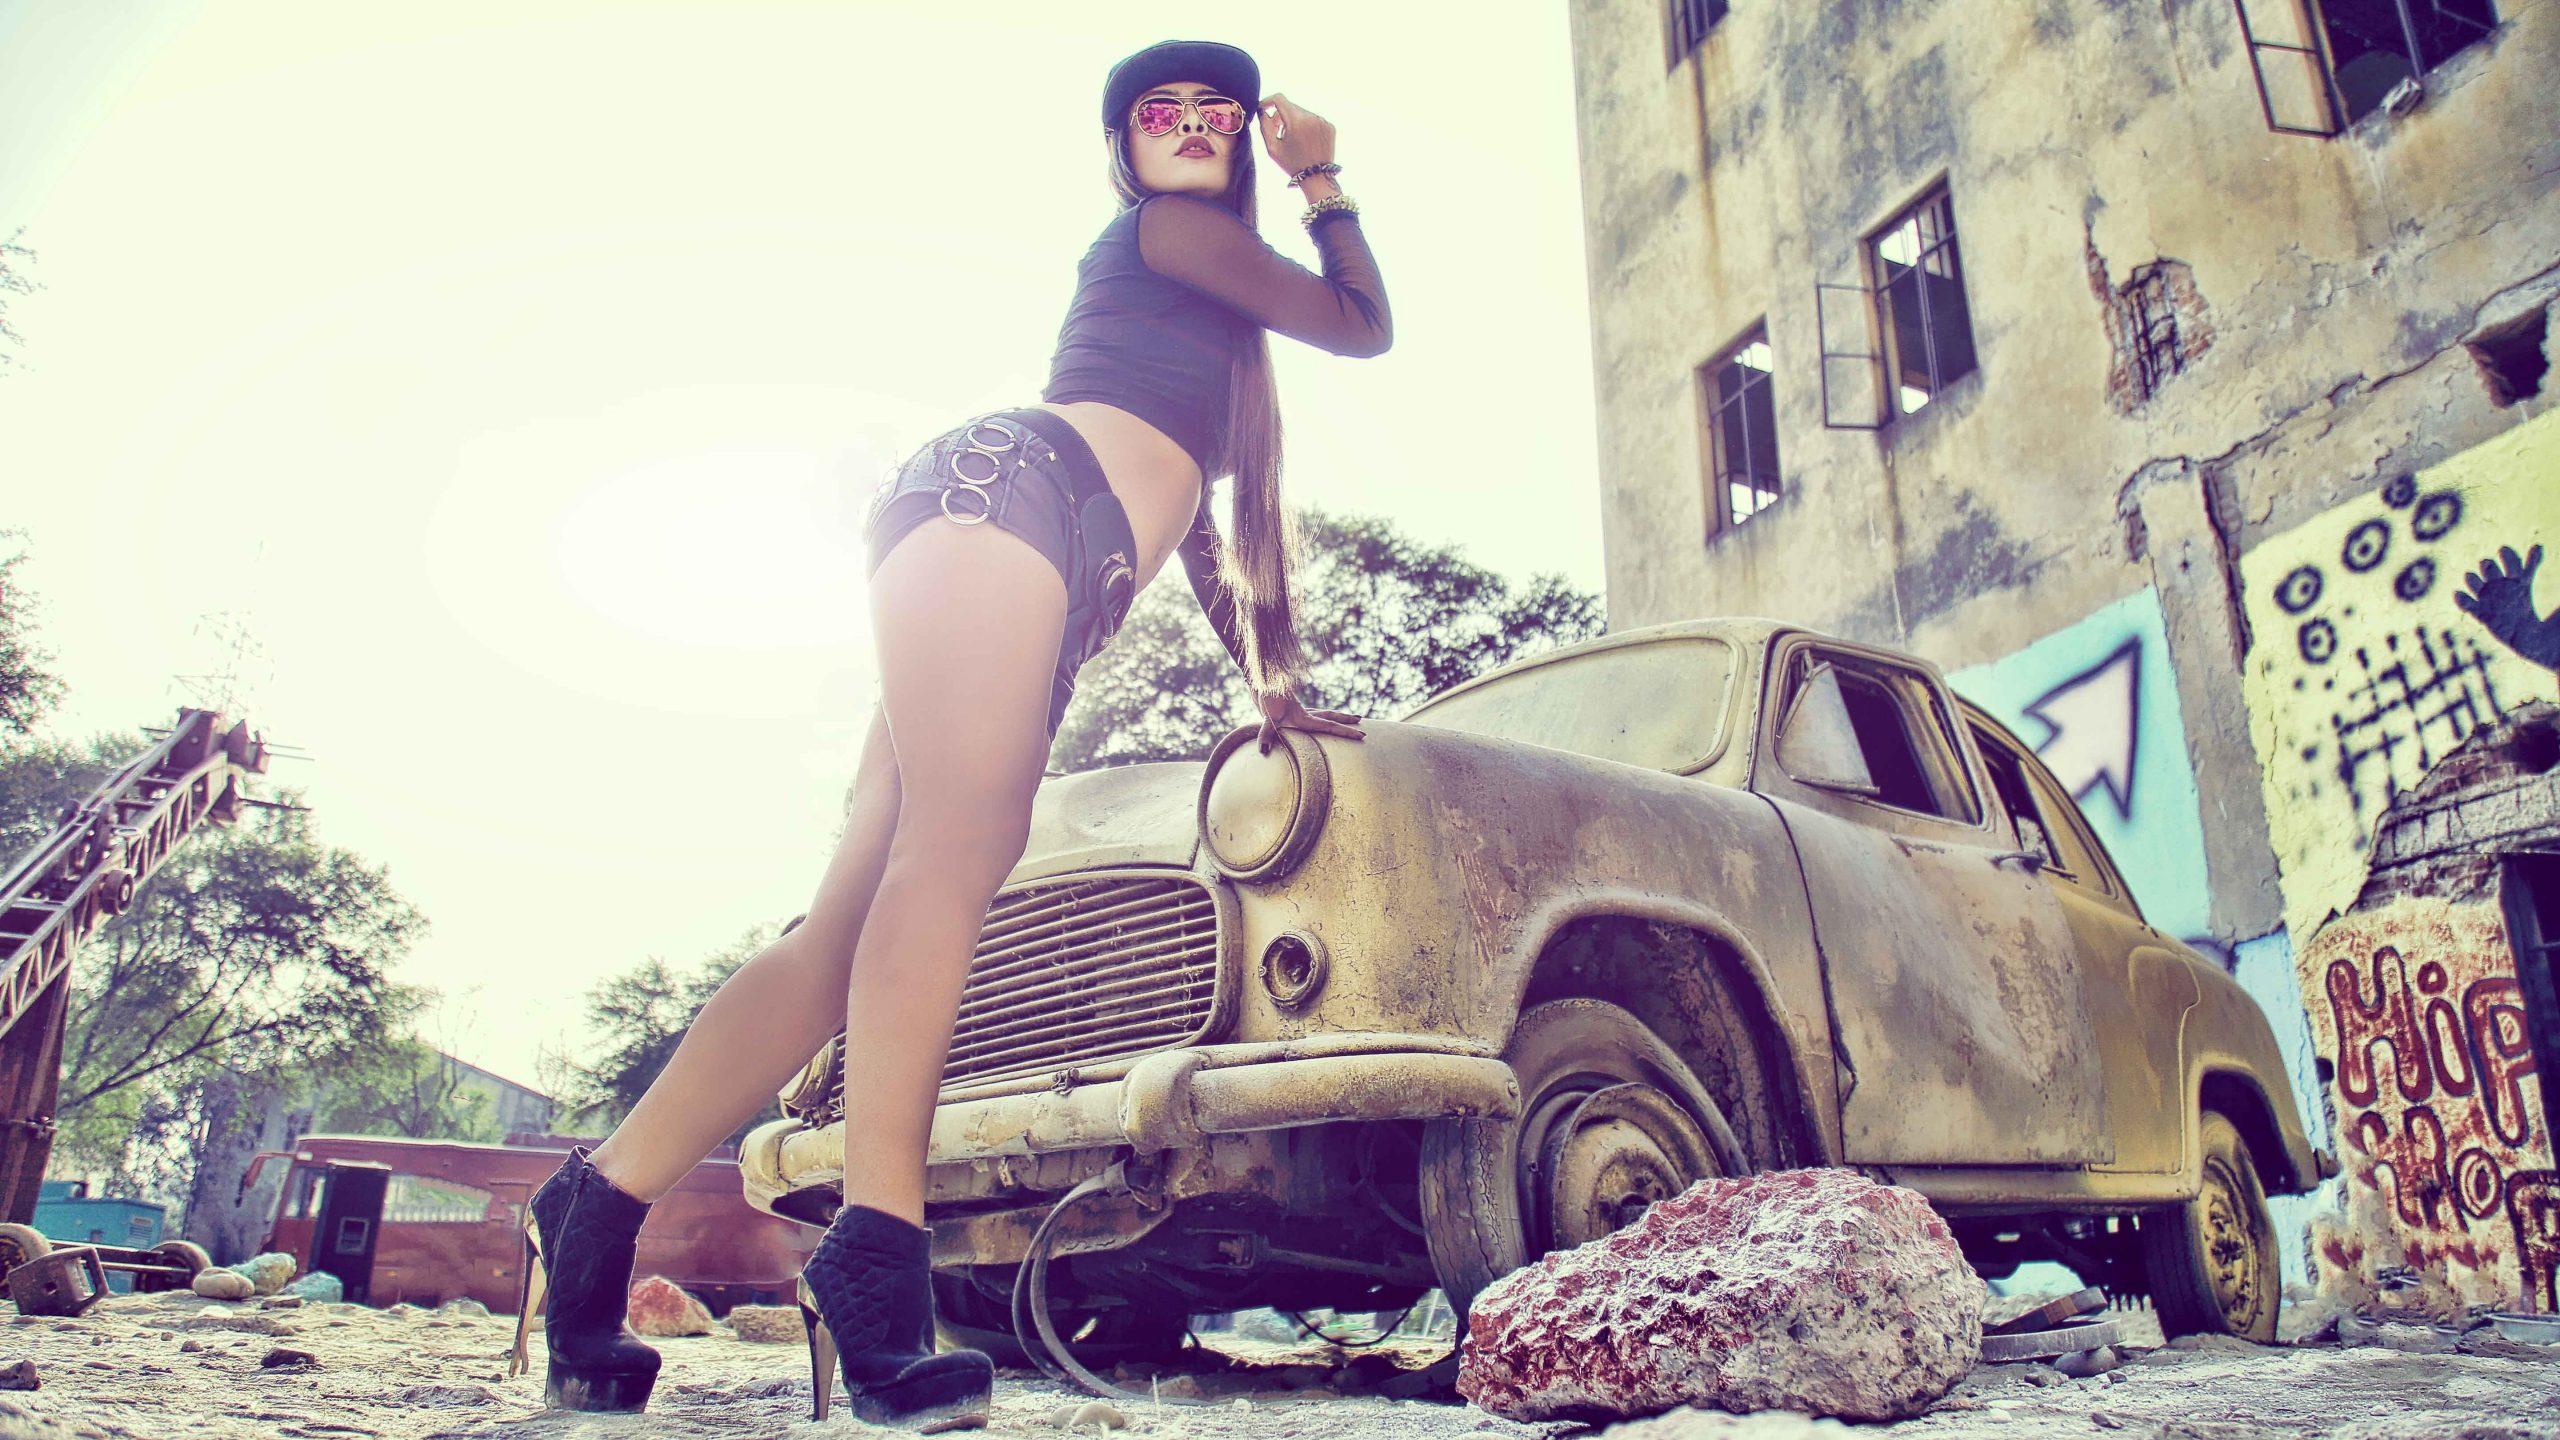 Model photo shoot